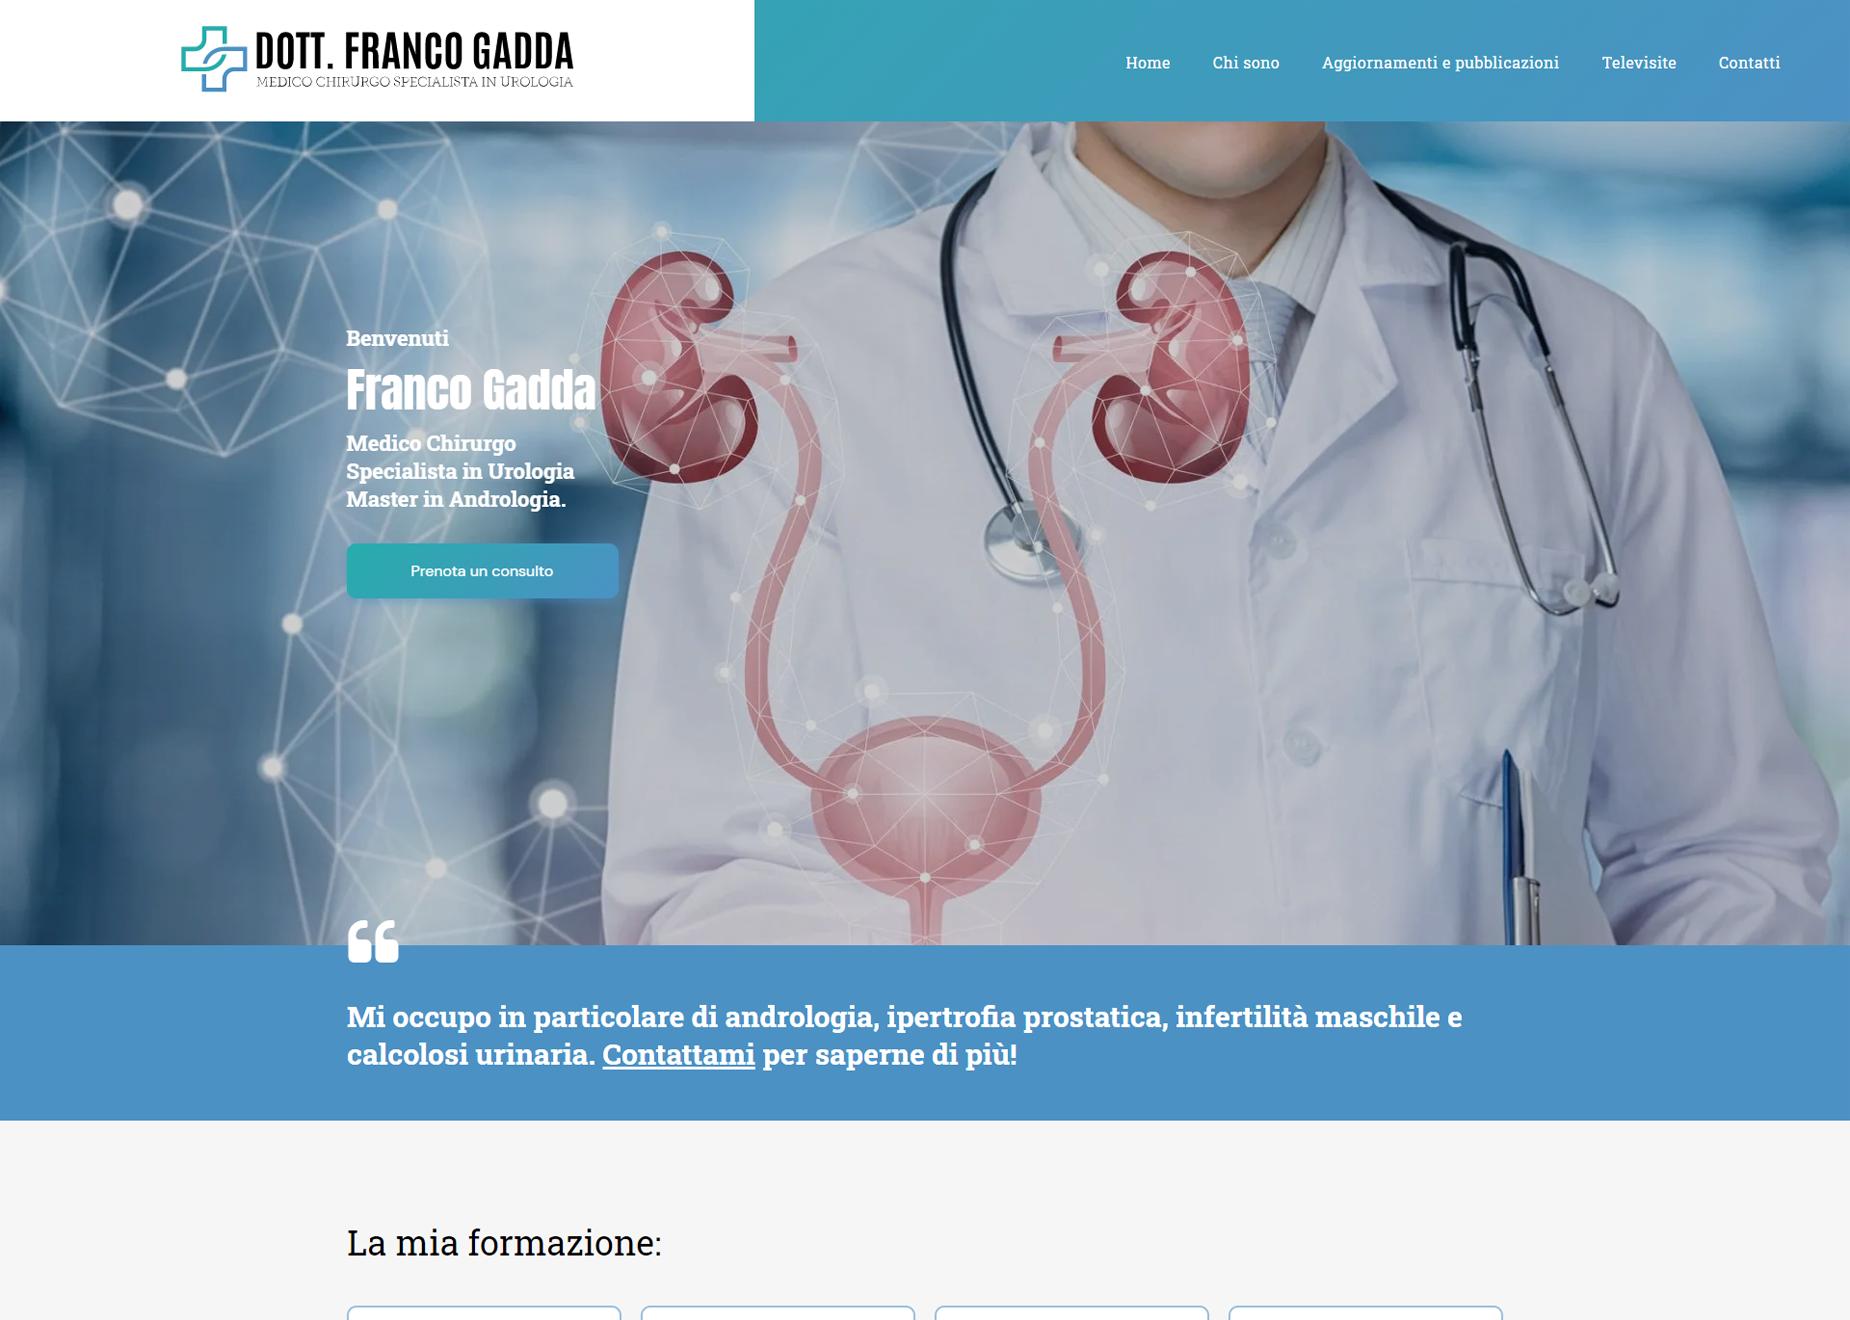 Franco Gadda Medico Chirurgo